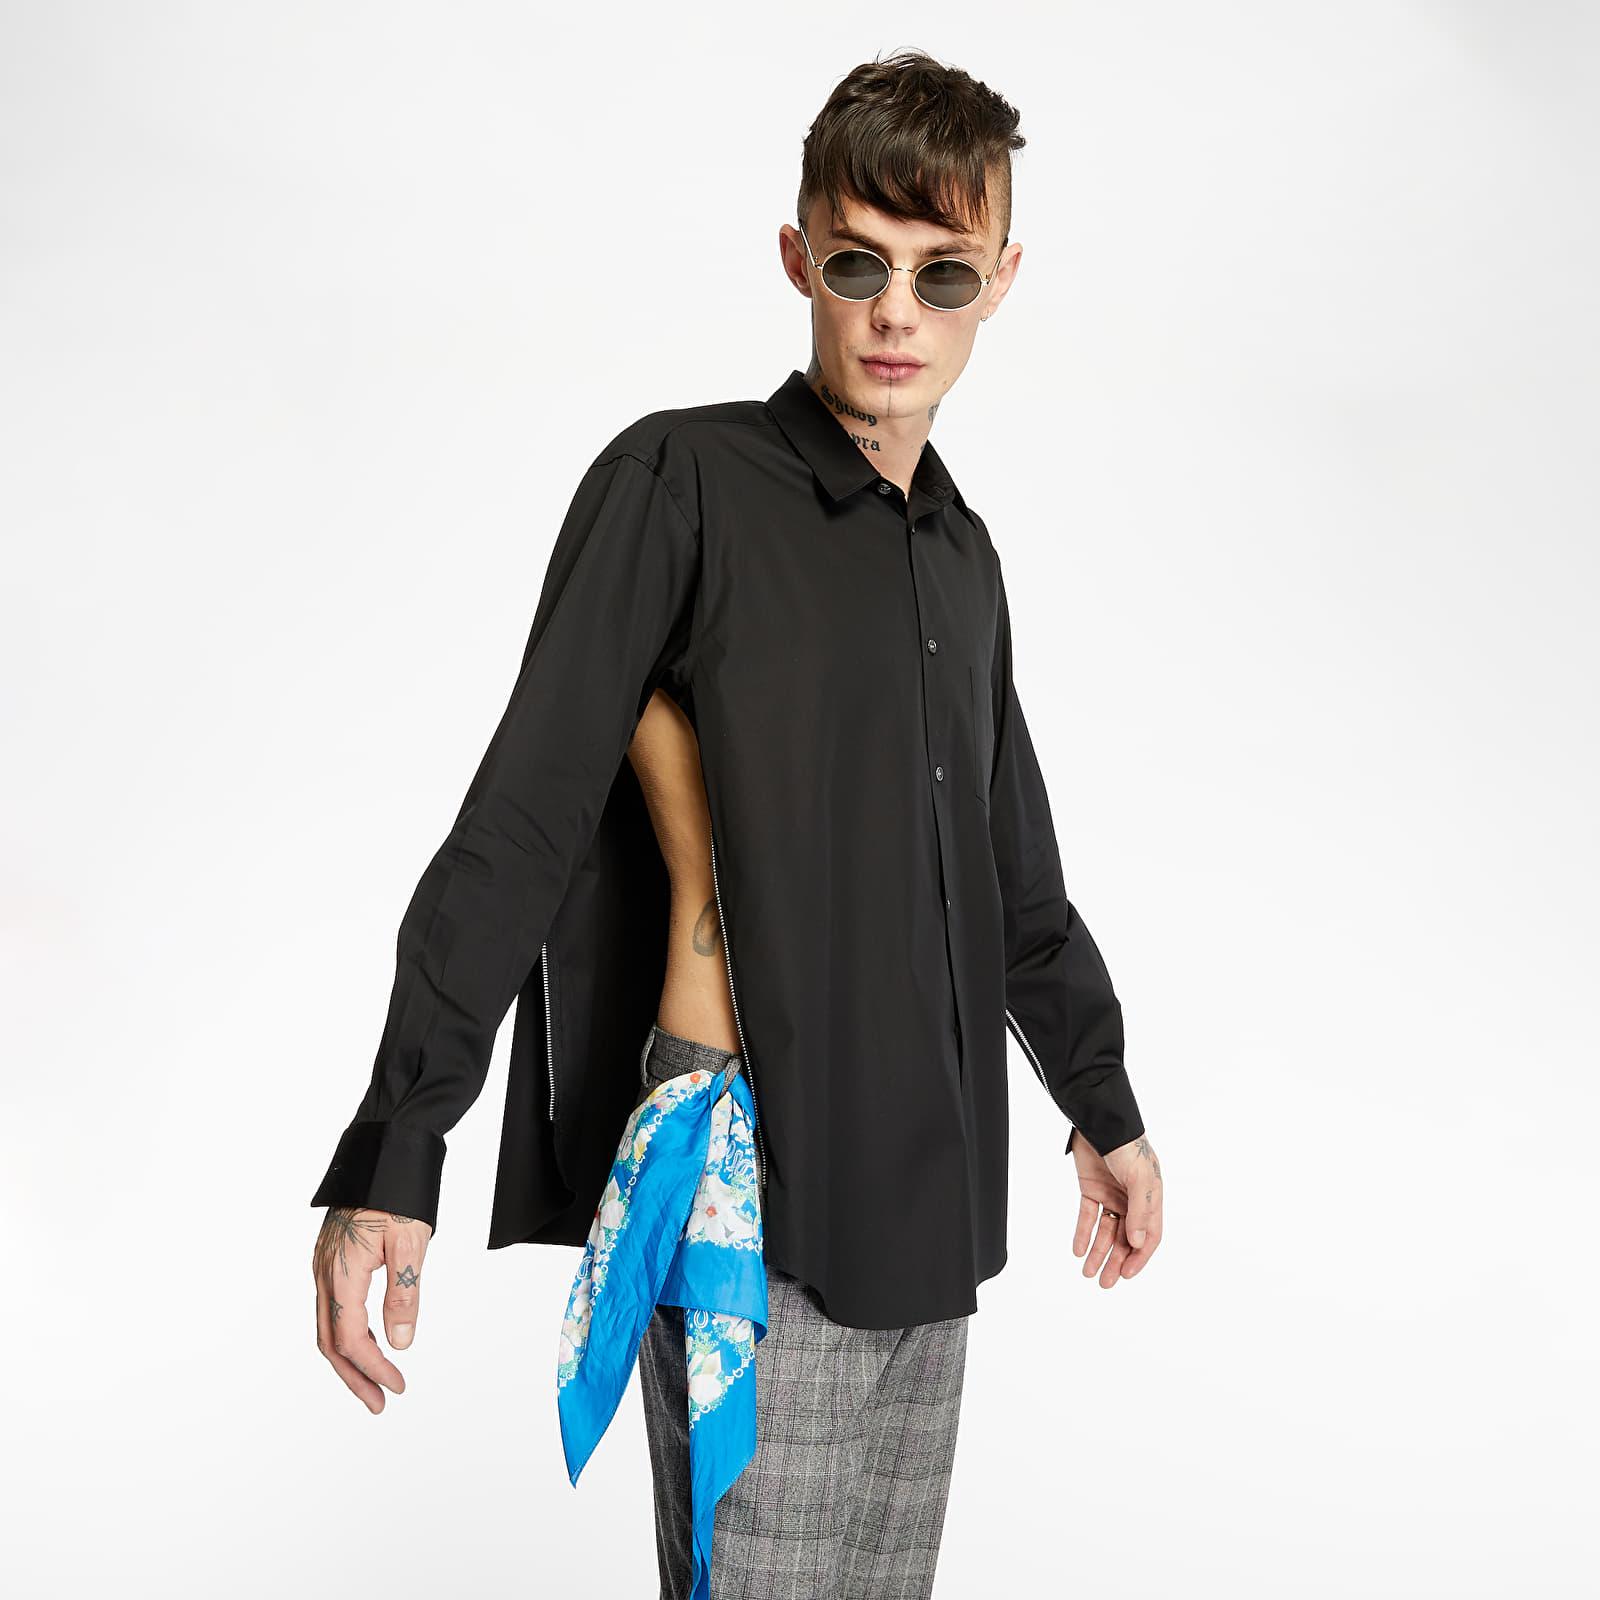 Hemden Comme des Garçons SHIRT Shirt Black